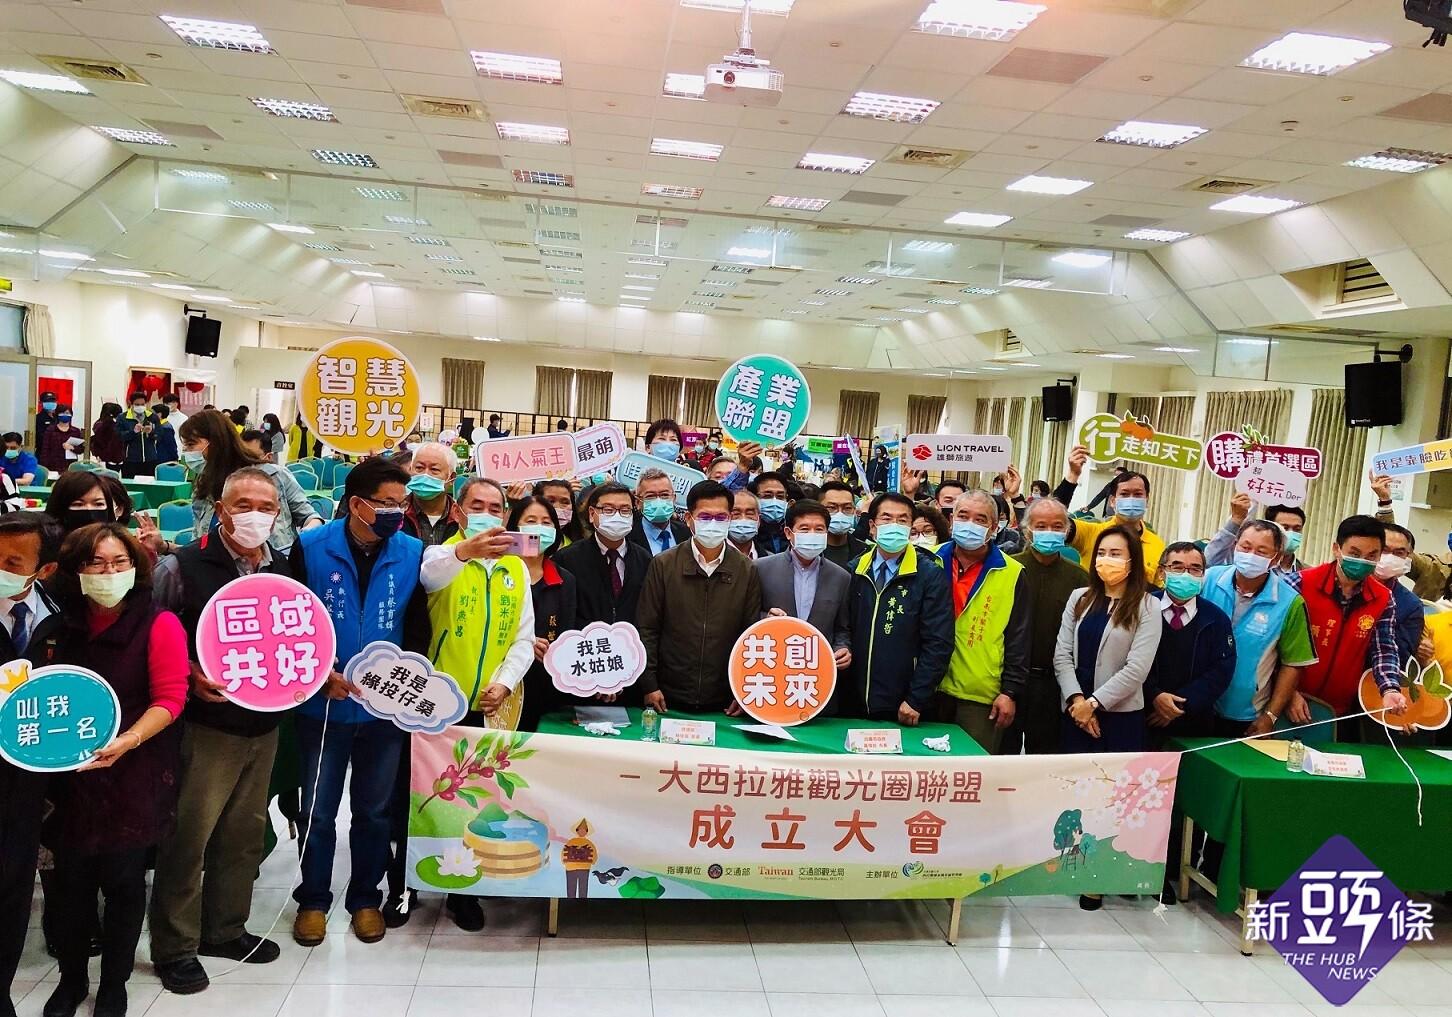 市長 twitter 大西 JR西日本、三ノ宮駅「3大プロジェクト」に位置付け 開業23年以降・新中計